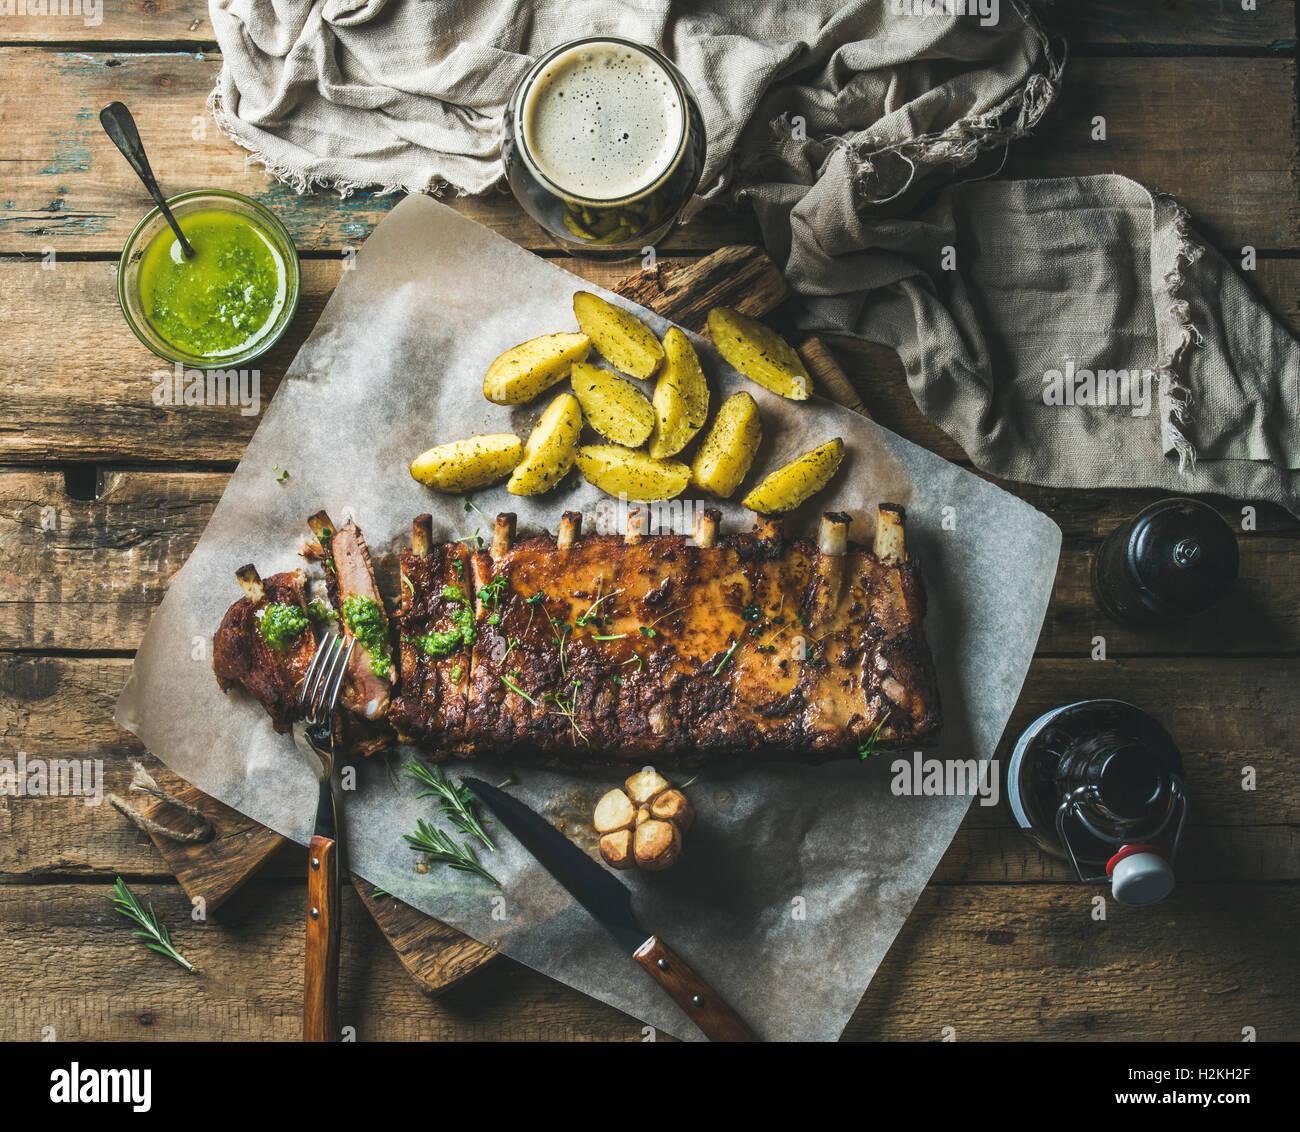 Arrosto di maiale nervature parzialmente tagliato a pezzi con aglio, rosmarino, salsa alle erbe verdi, patate fritte Immagini Stock